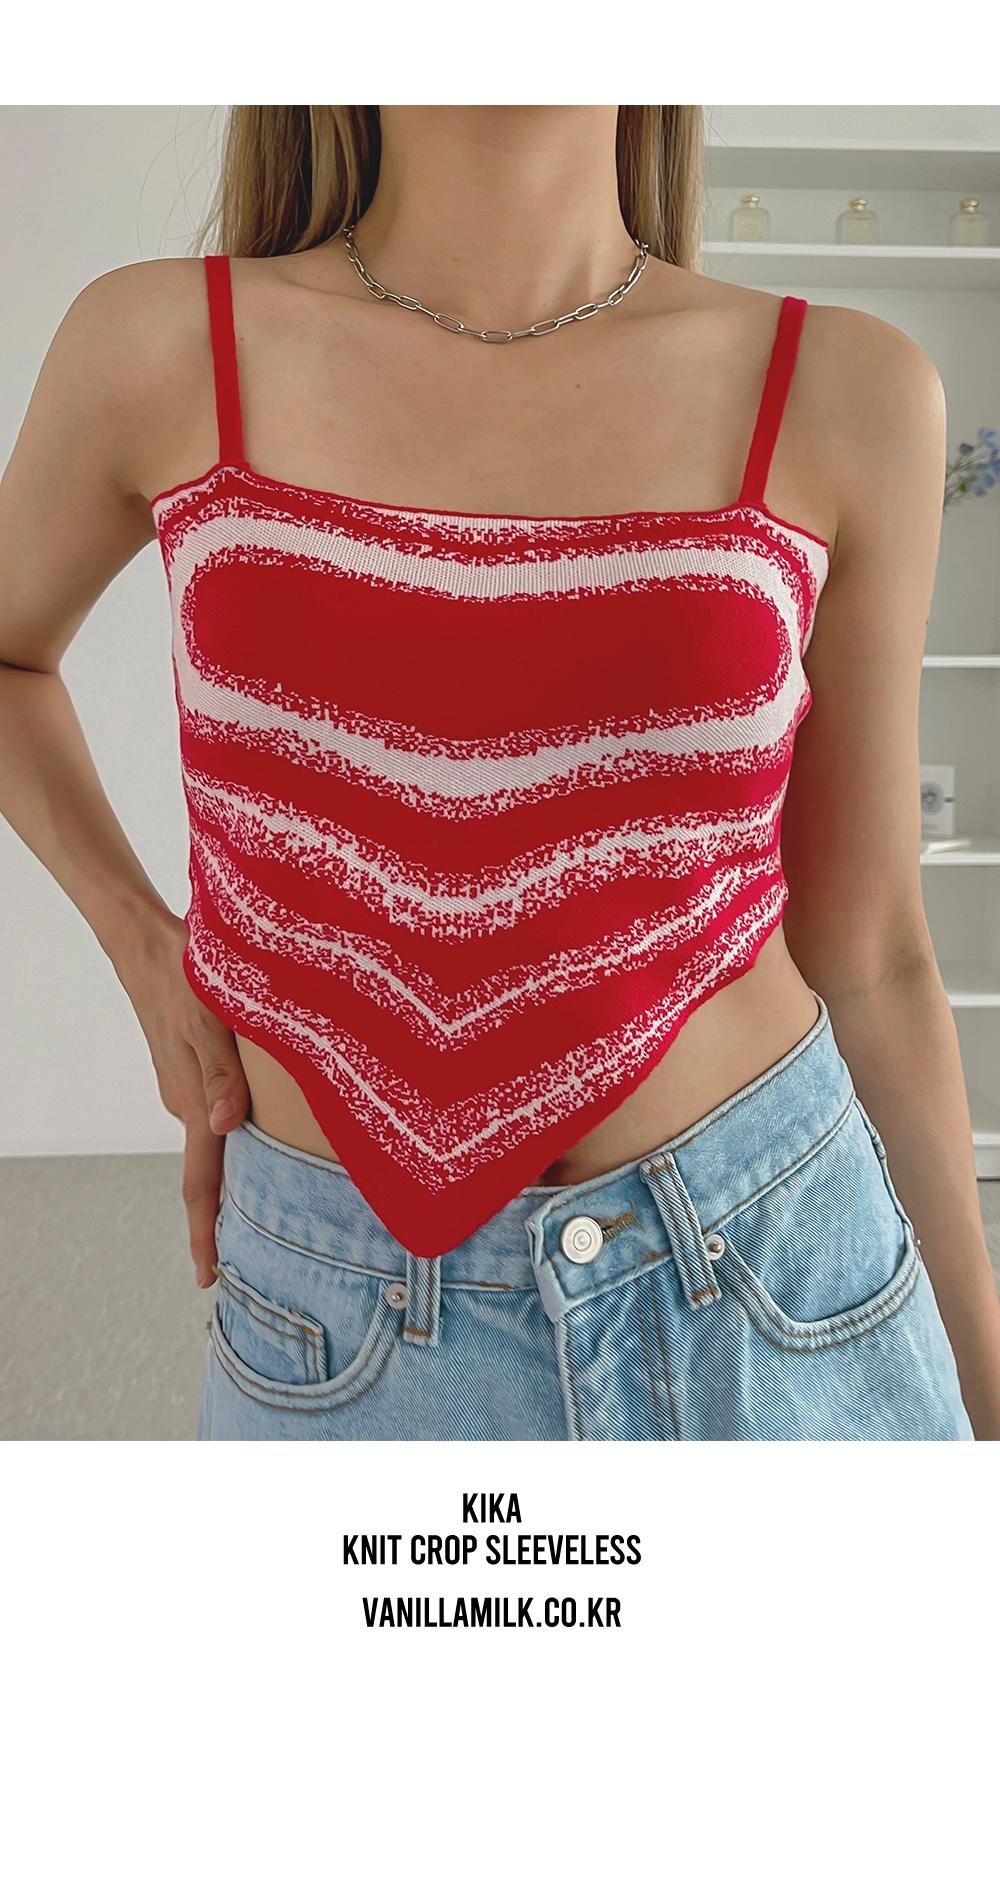 Kika Knitwear Crop Bustier